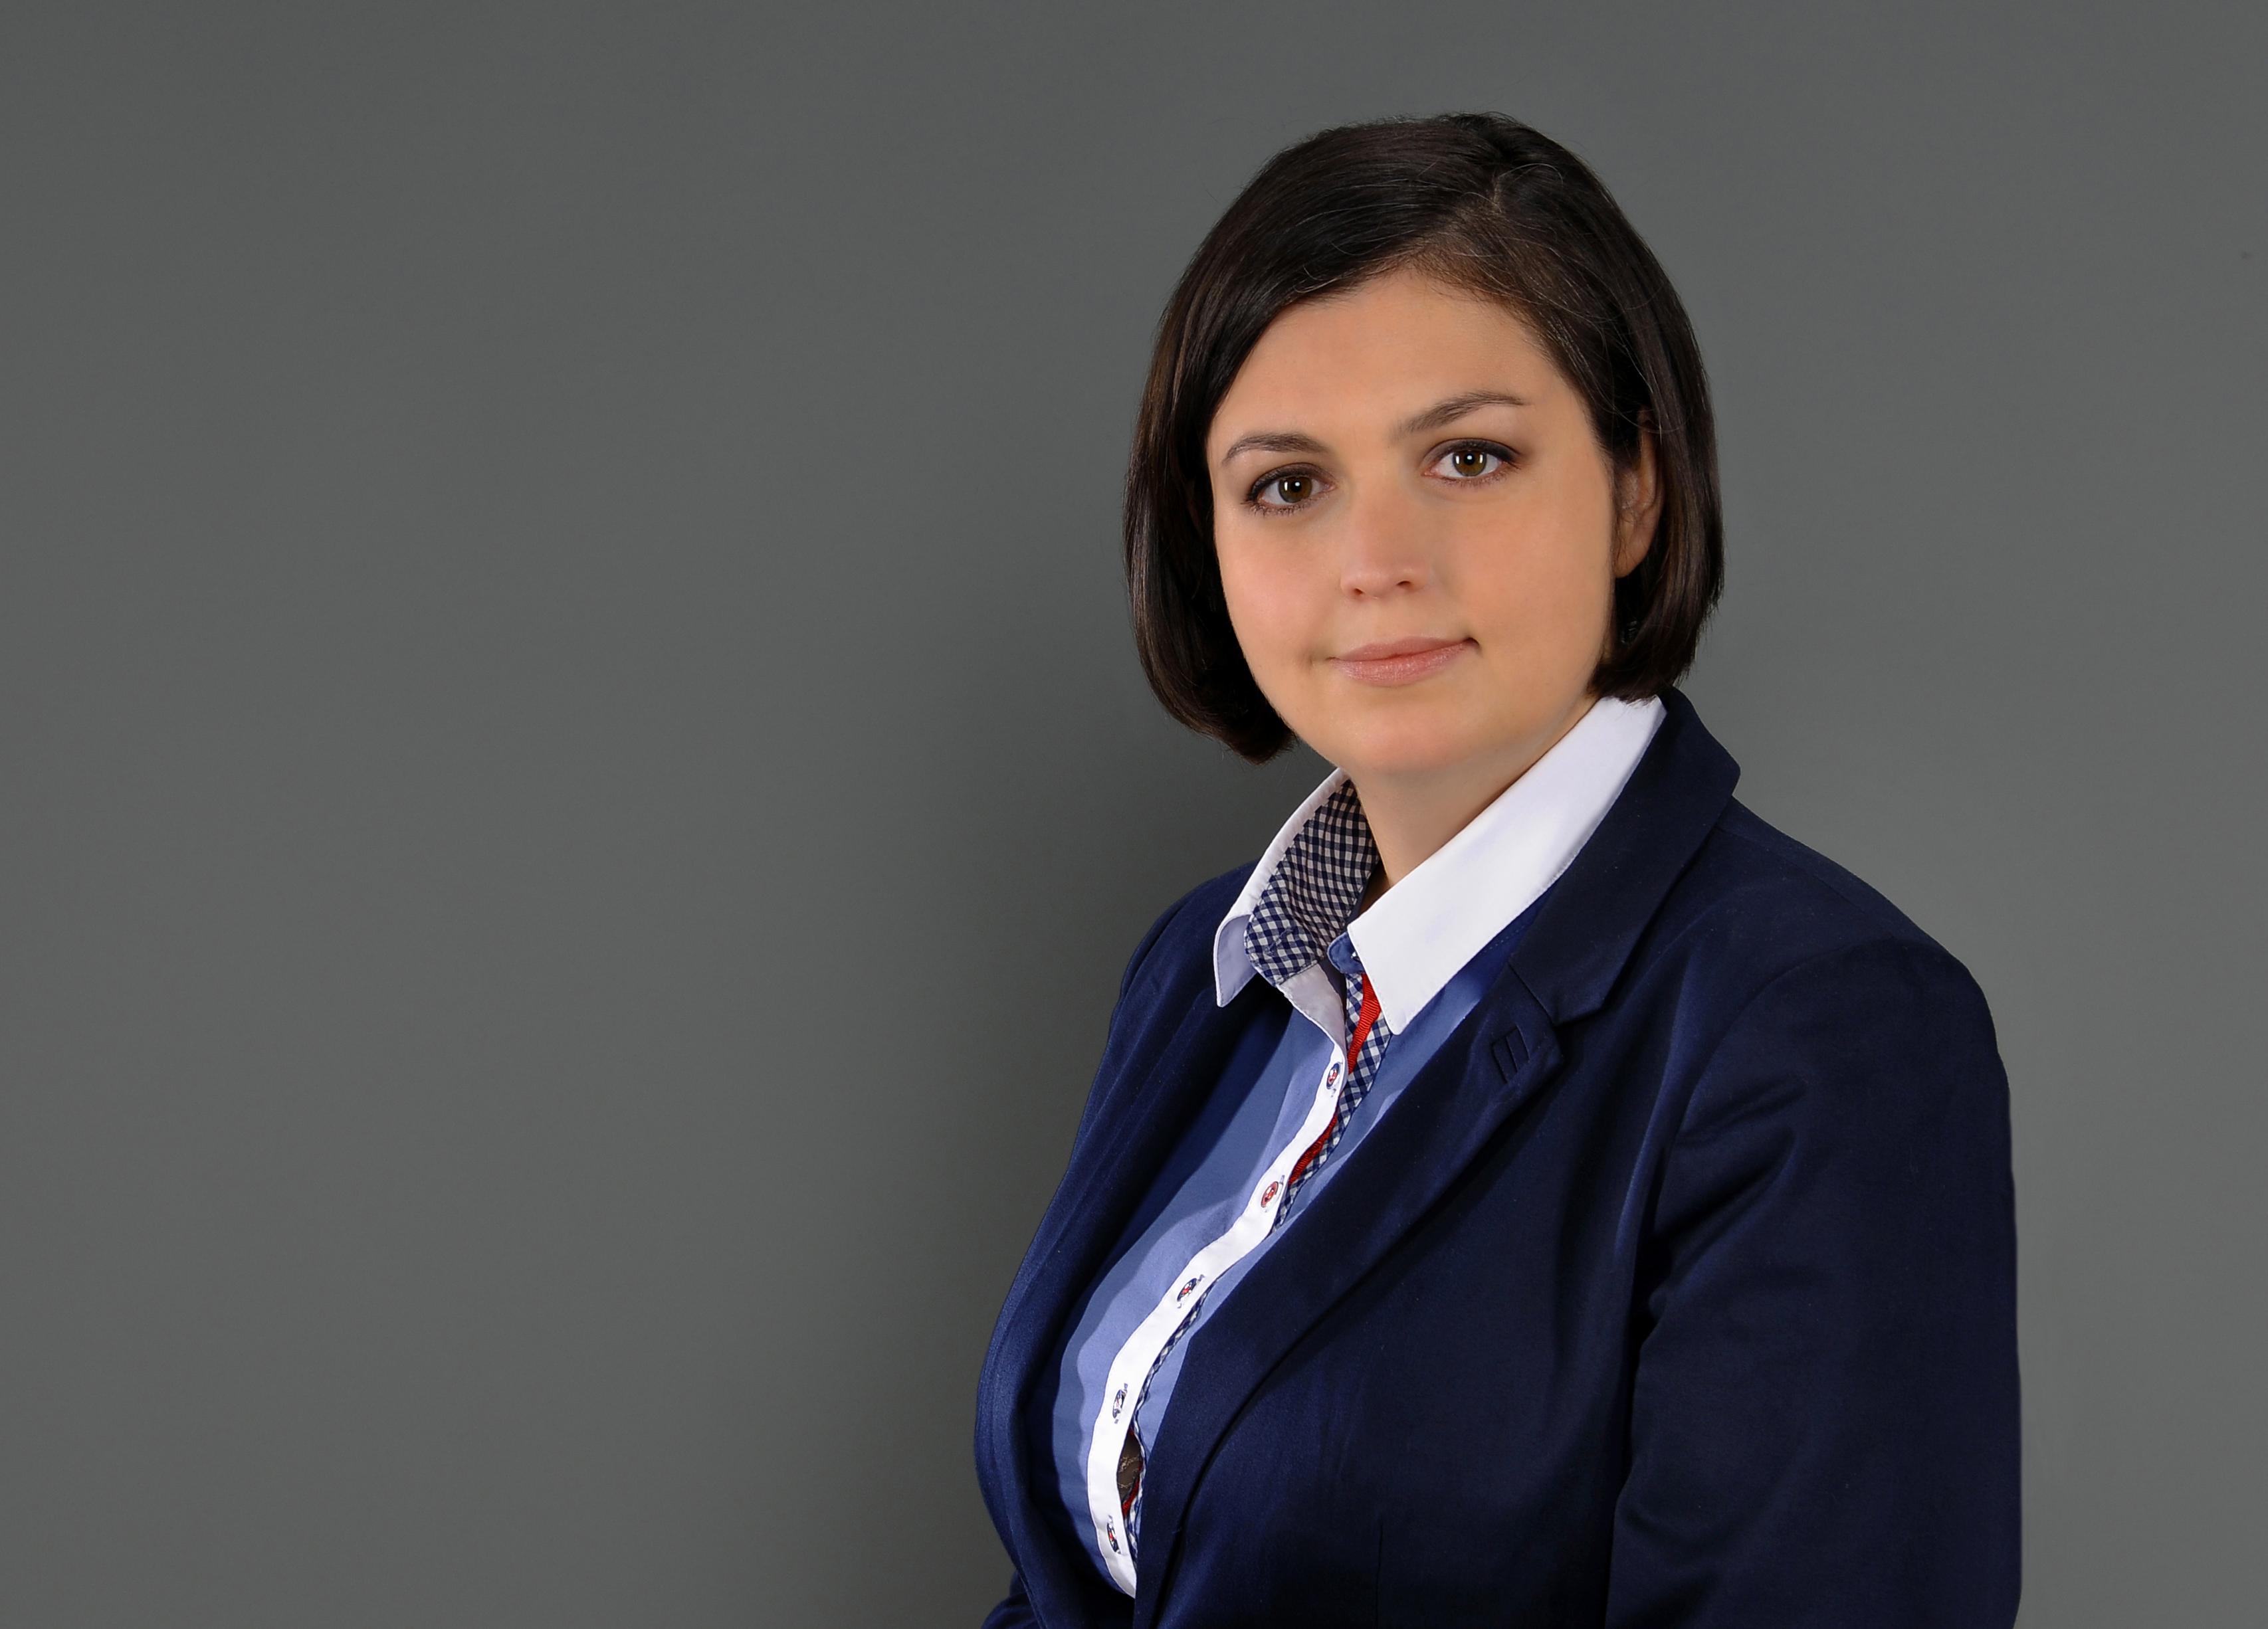 Dr Marta Derlacz-Wawrowska, praktyka prawa pracy kancelarii Wardyński i Wspólnicy